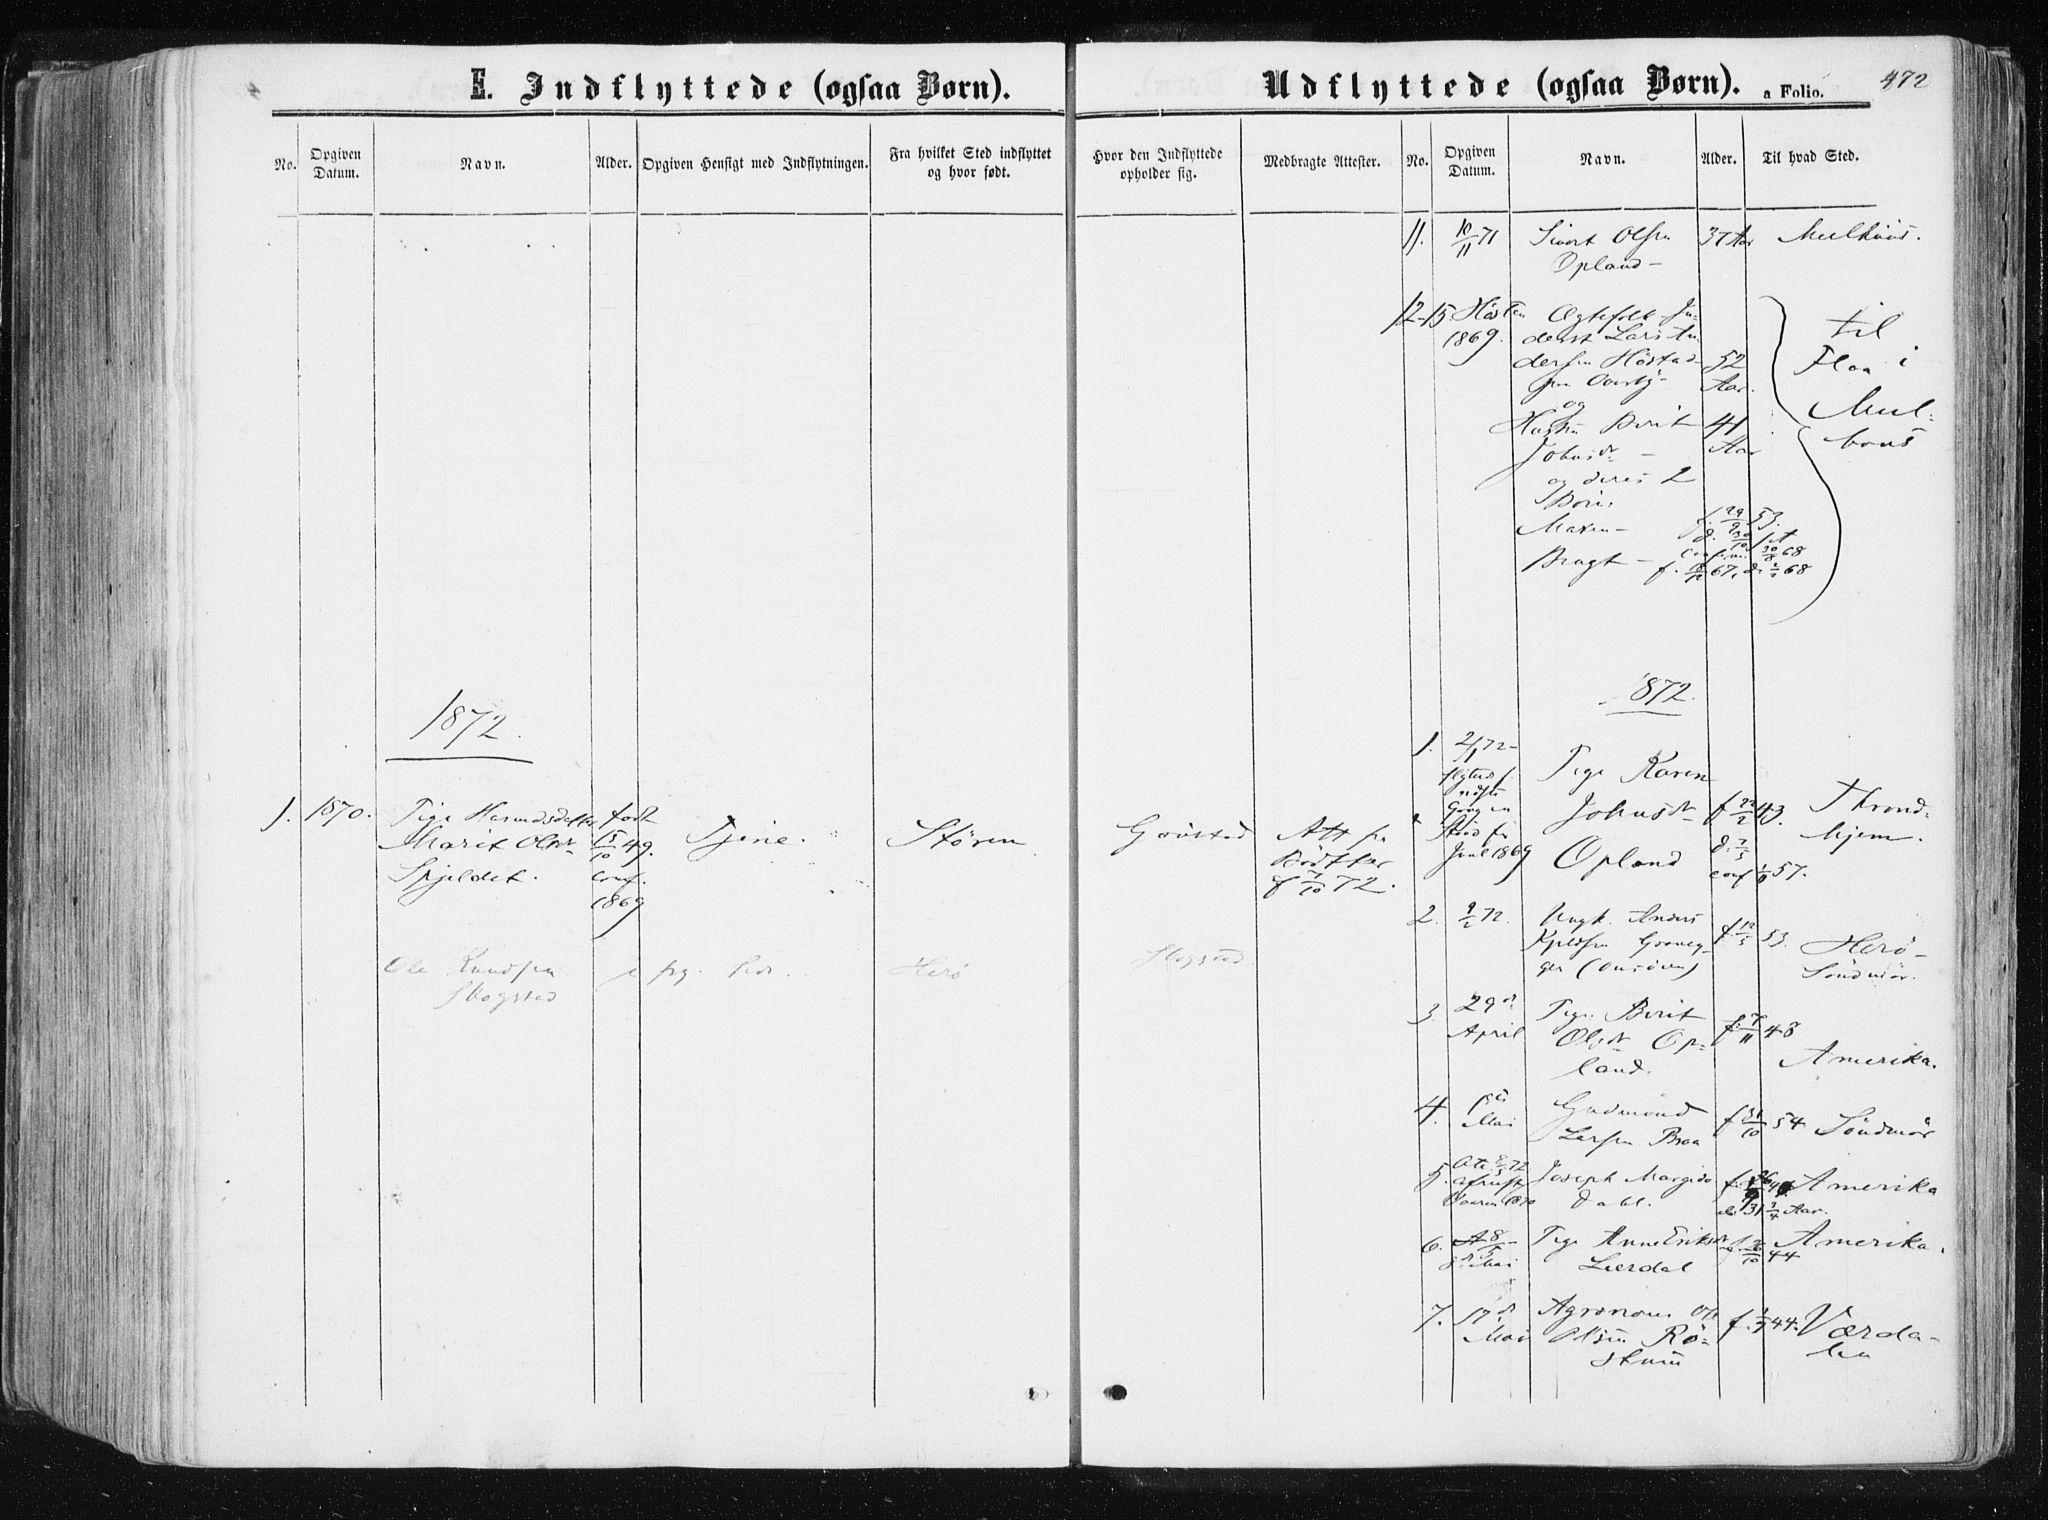 SAT, Ministerialprotokoller, klokkerbøker og fødselsregistre - Sør-Trøndelag, 612/L0377: Ministerialbok nr. 612A09, 1859-1877, s. 472